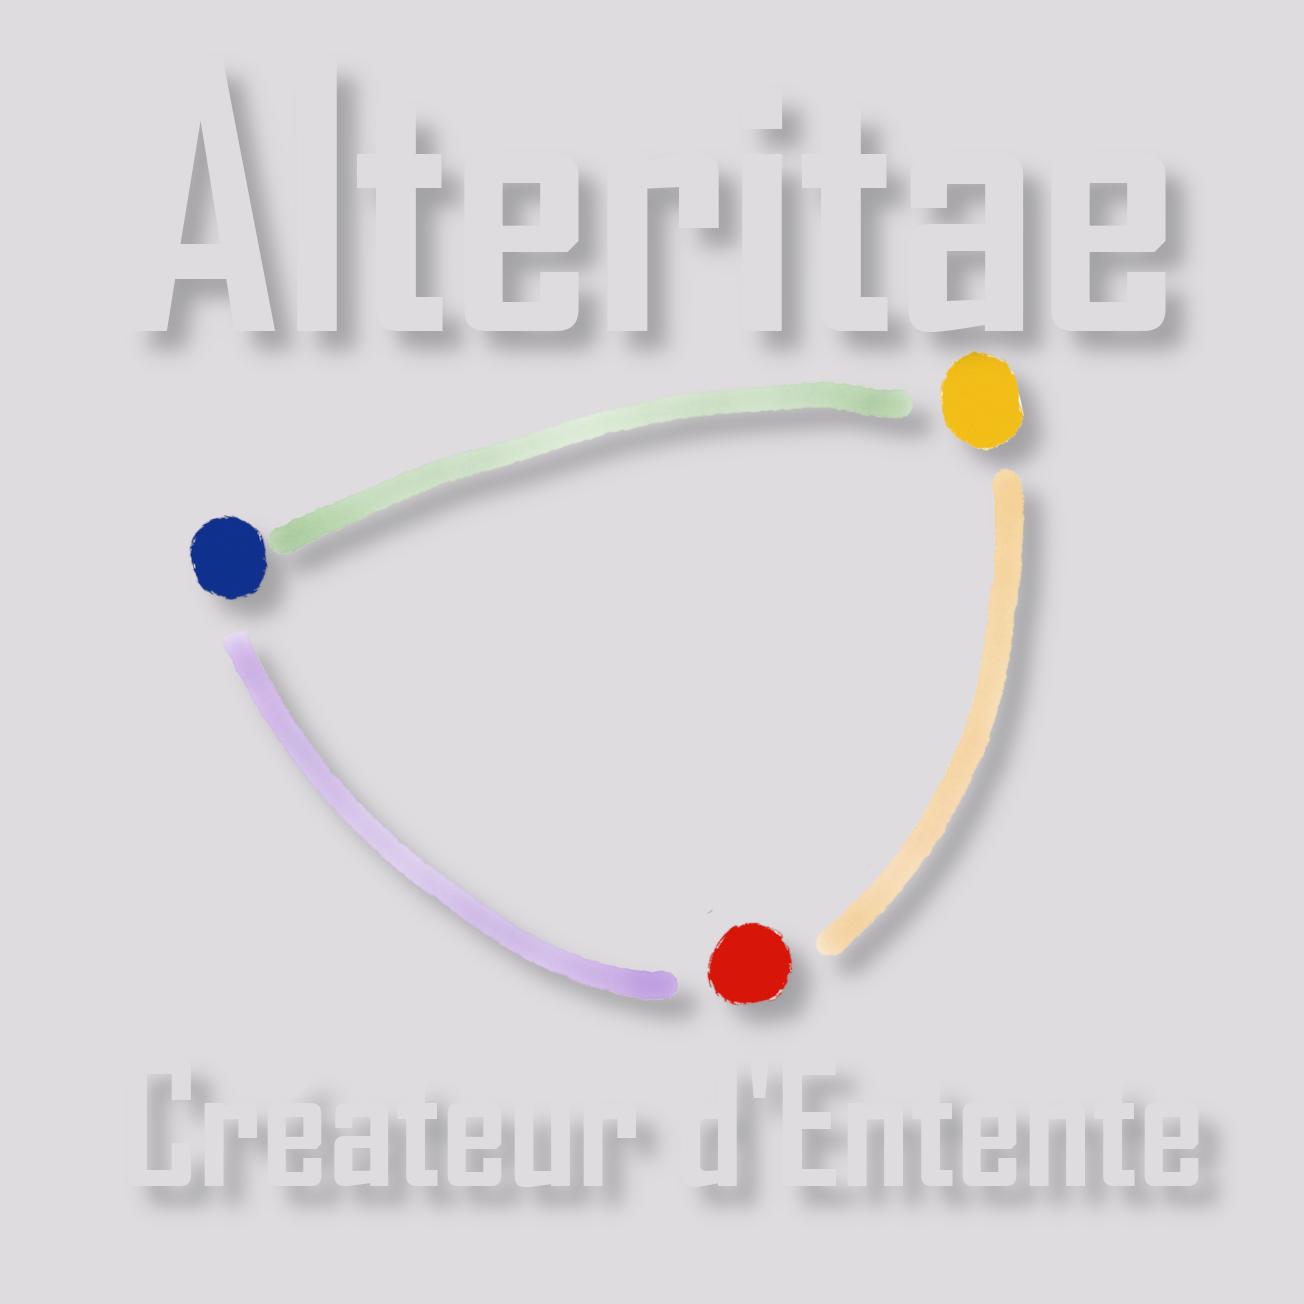 ALTERITAE